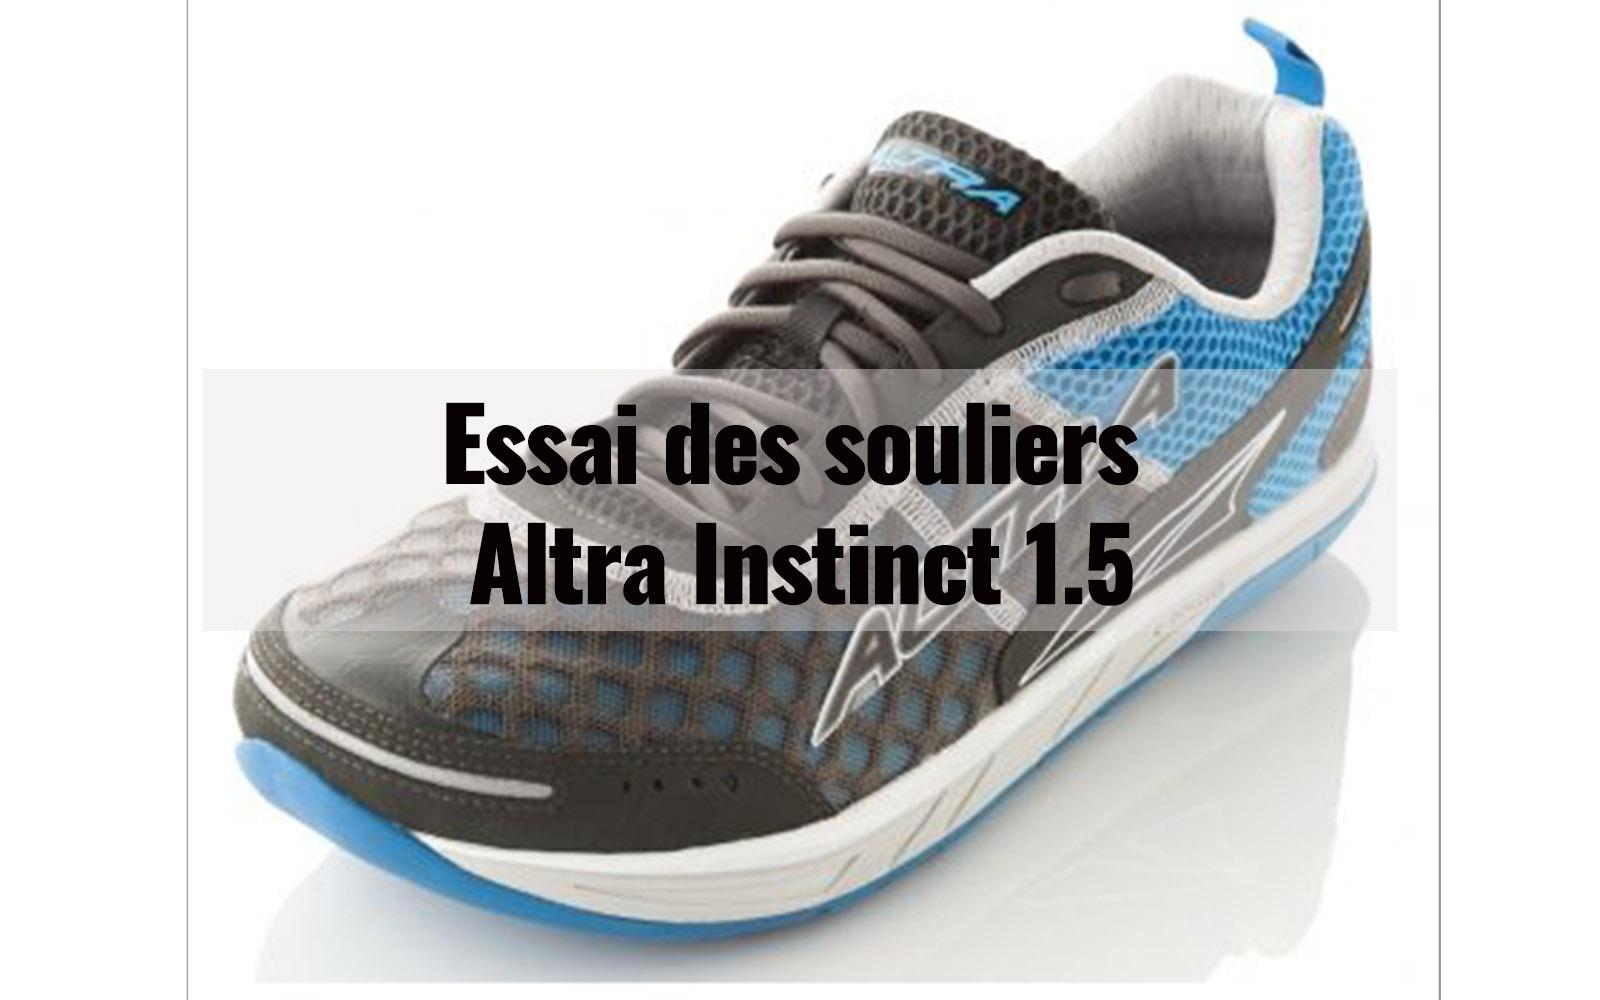 Essai des souliers Altra Instinct 1.5